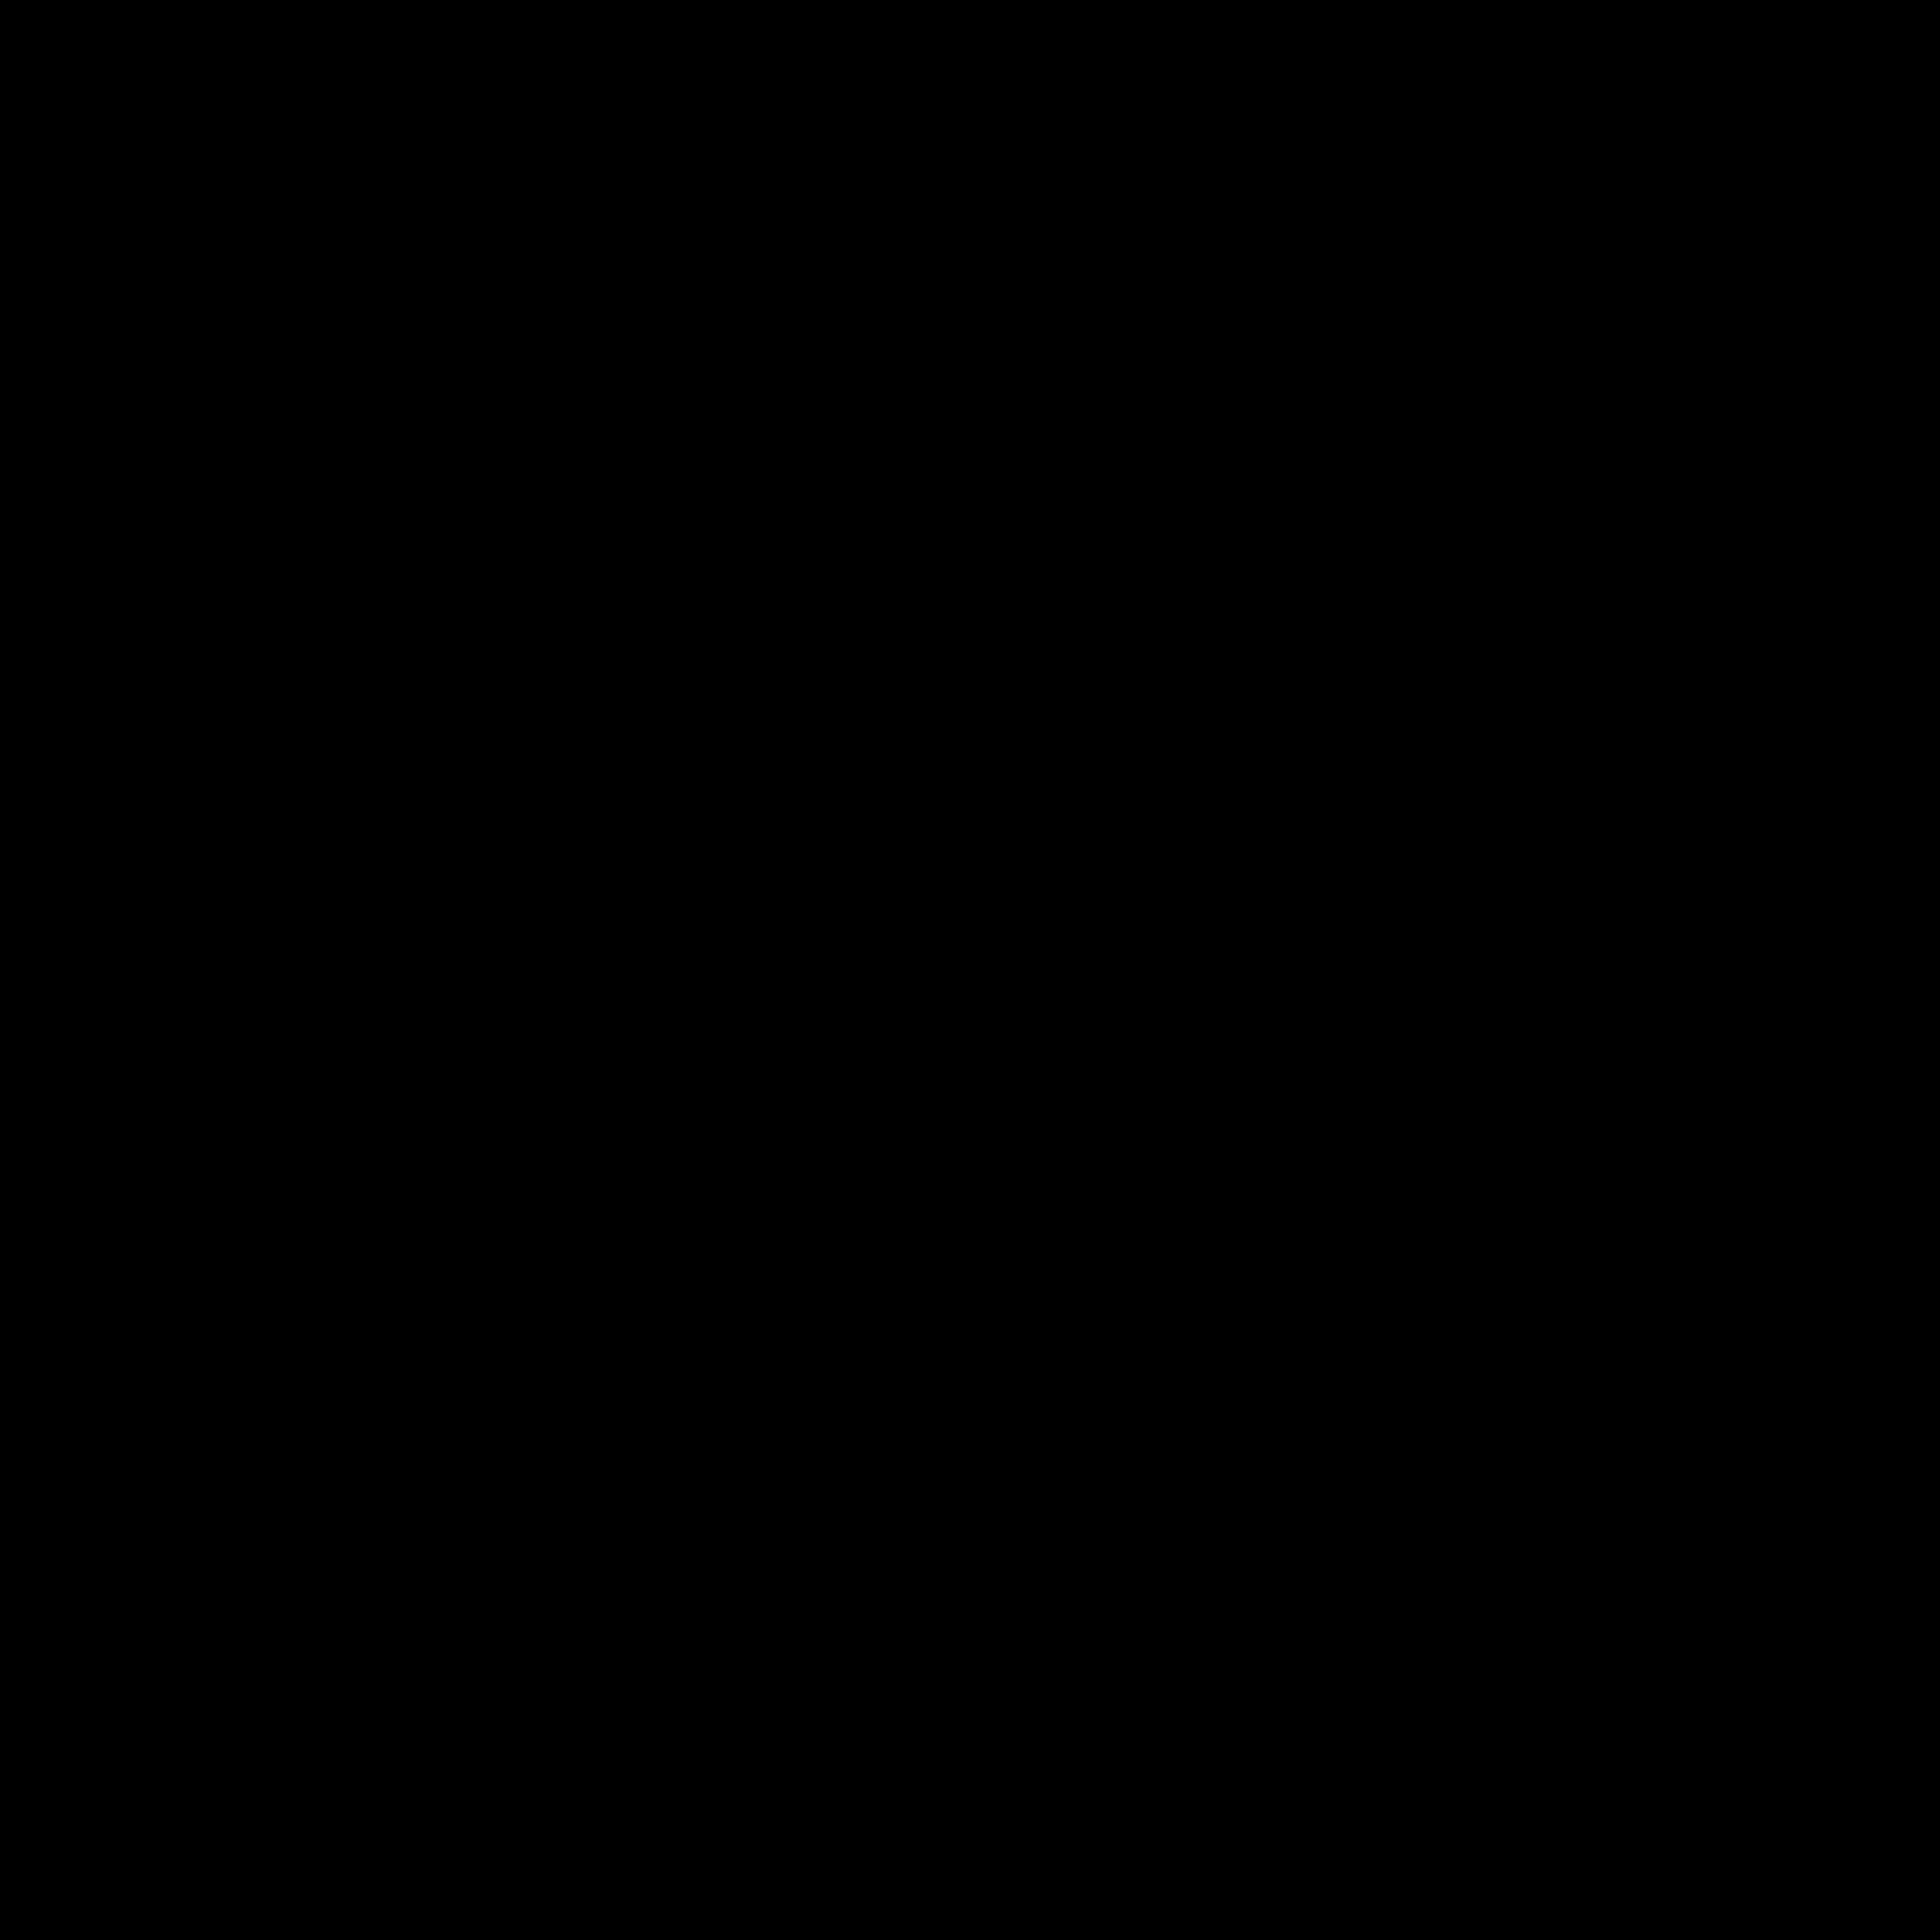 Logo von heimfix